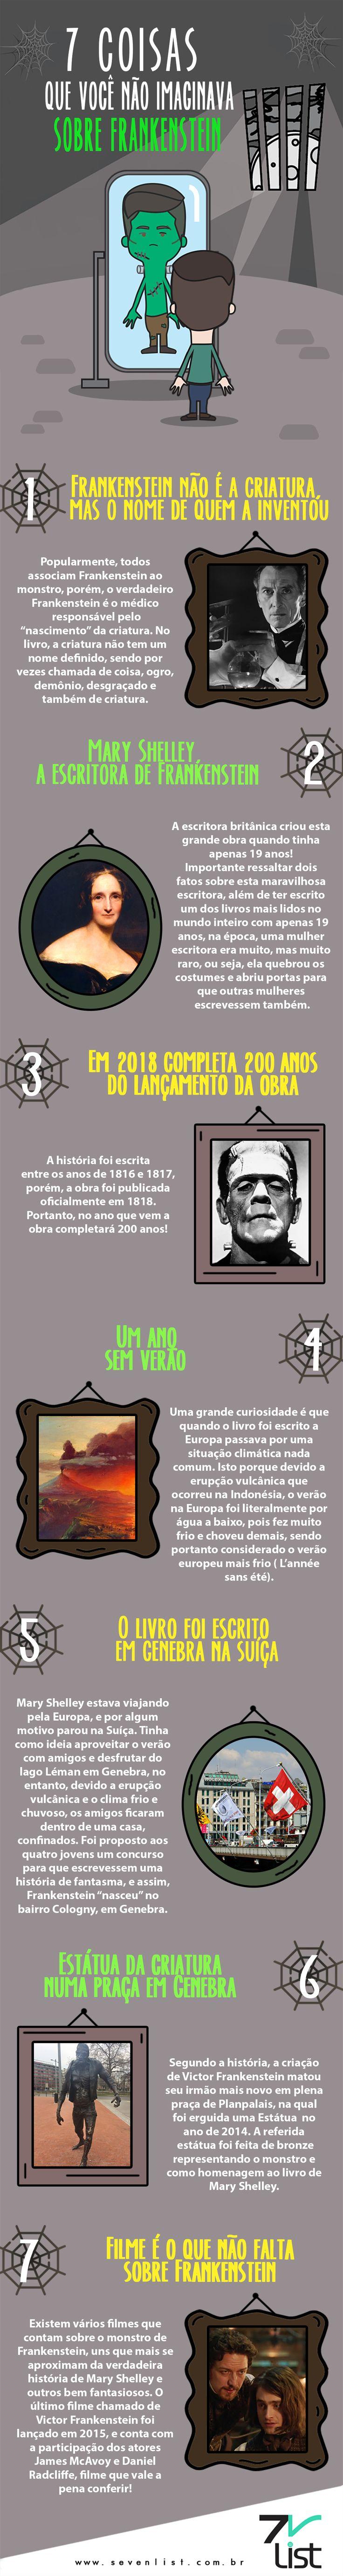 """Frankenstein é um clássico e já foi reproduzido em espetáculos, peças teatrais e claro nos cinemas. Mas, por trás da história do famoso """"monstro"""" existem algumas curiosidades que você precisa saber… Confira a lista com 7 coisas que você nem imaginava sobre Frenkenstein. #SevenList #Infográfico #Infographic #List #Lista #Design #Illustration #Ilustração #Frankenstein #Terror #Filme #Movie #Teatro #Espetáculo #História #Cultura #Suíça #Genebra #MaryShelley"""